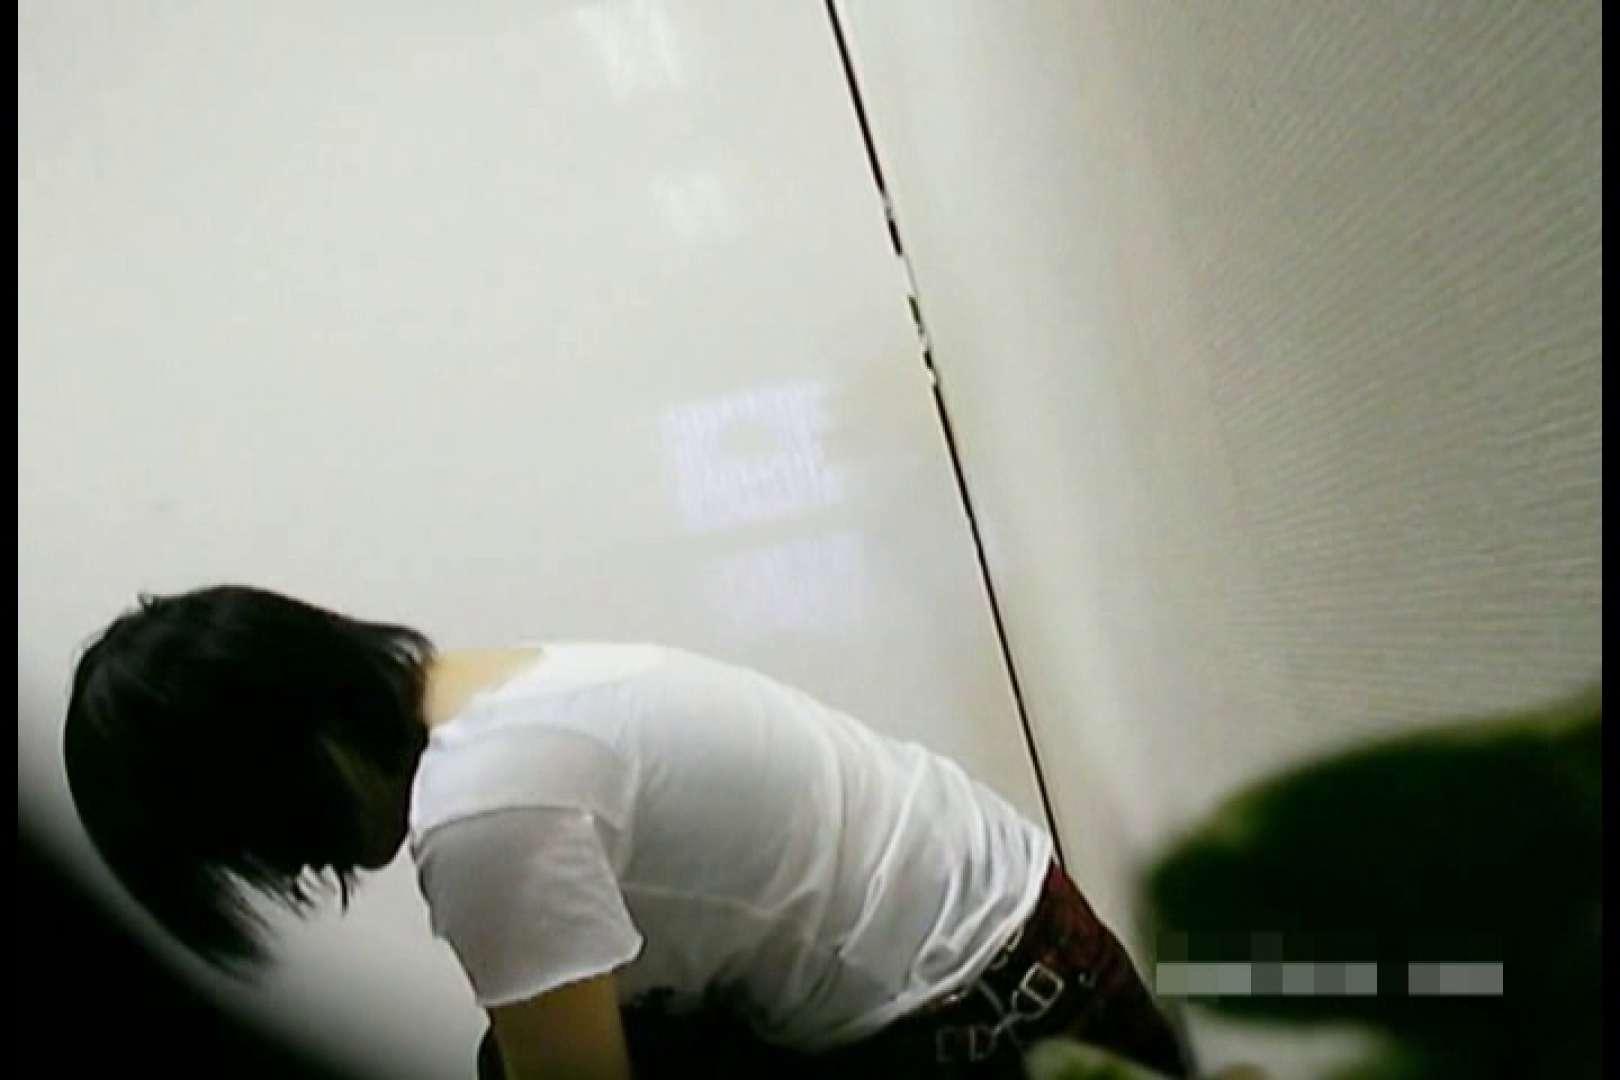 素人撮影 下着だけの撮影のはずが・・・みゆき18歳 素人流出動画 ワレメ無修正動画無料 99枚 92